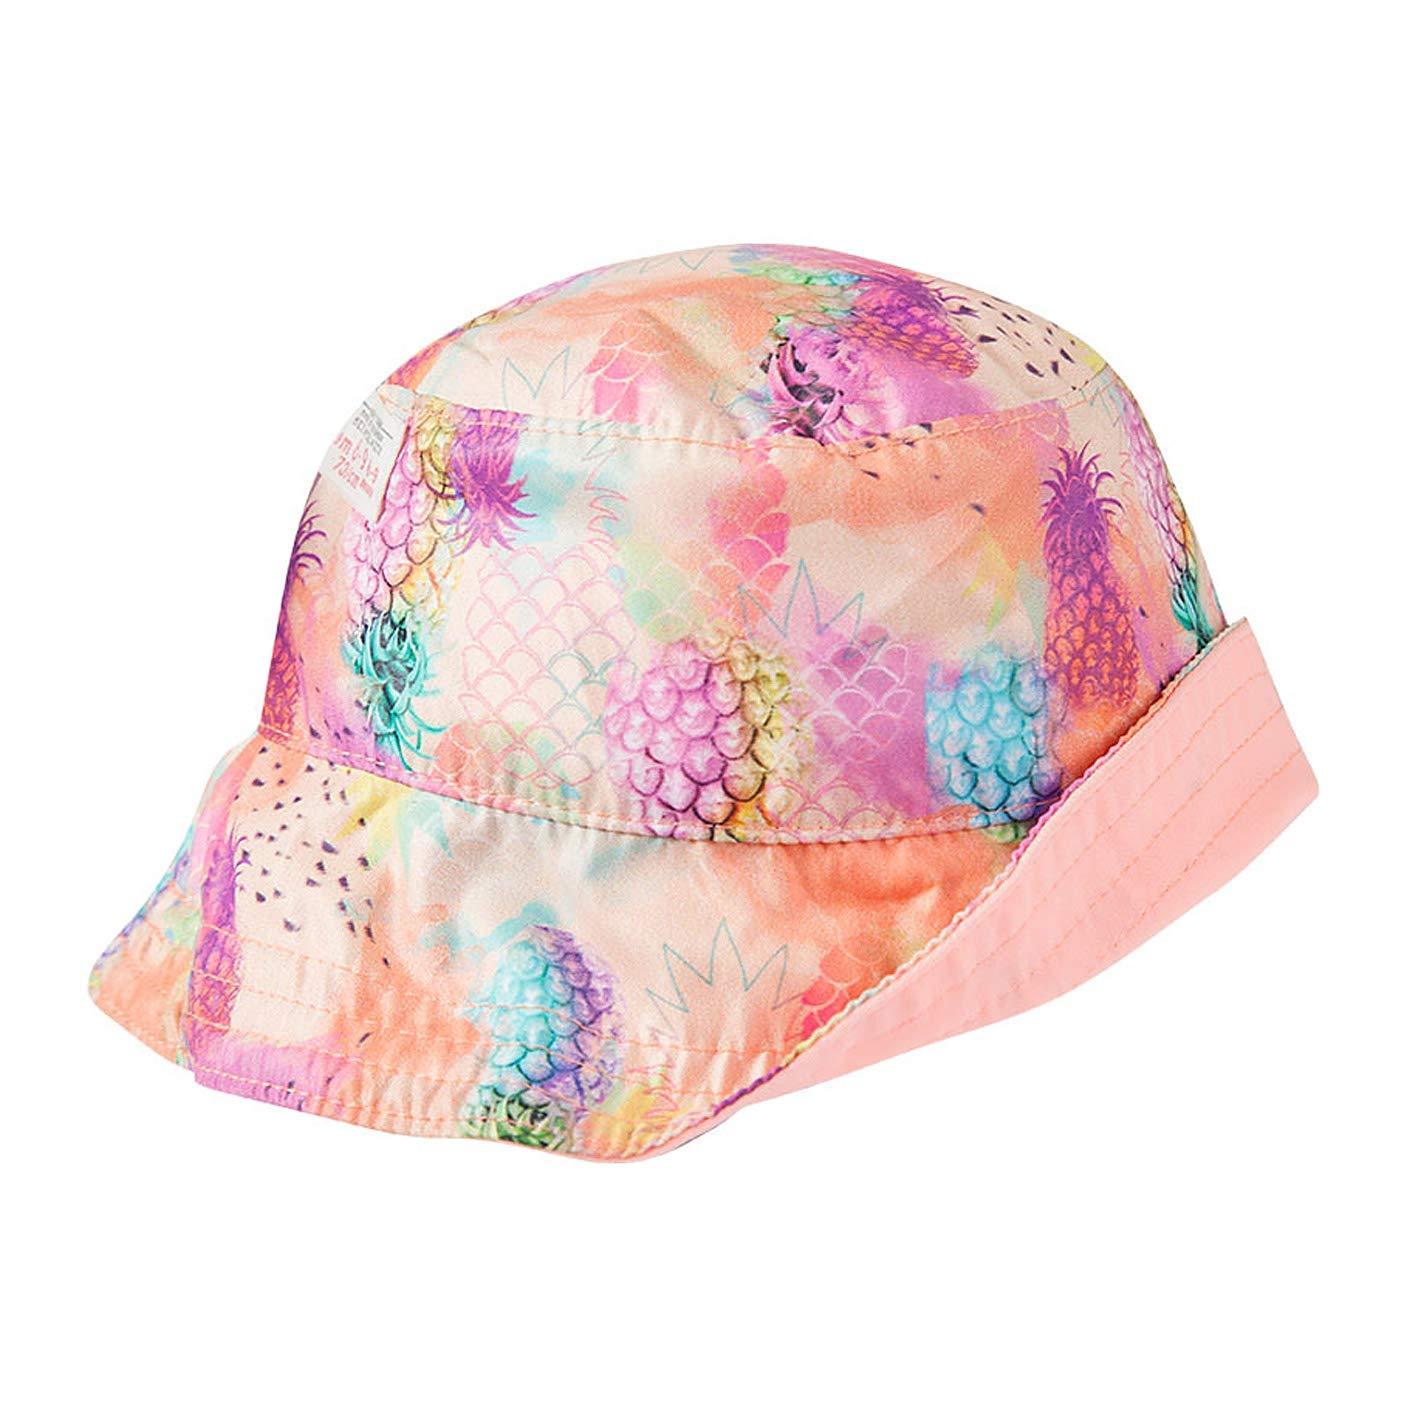 2da2b2ec1605a Get Quotations · OFFCORSS Baby Girls Cute Summer Beach Bucket Hats